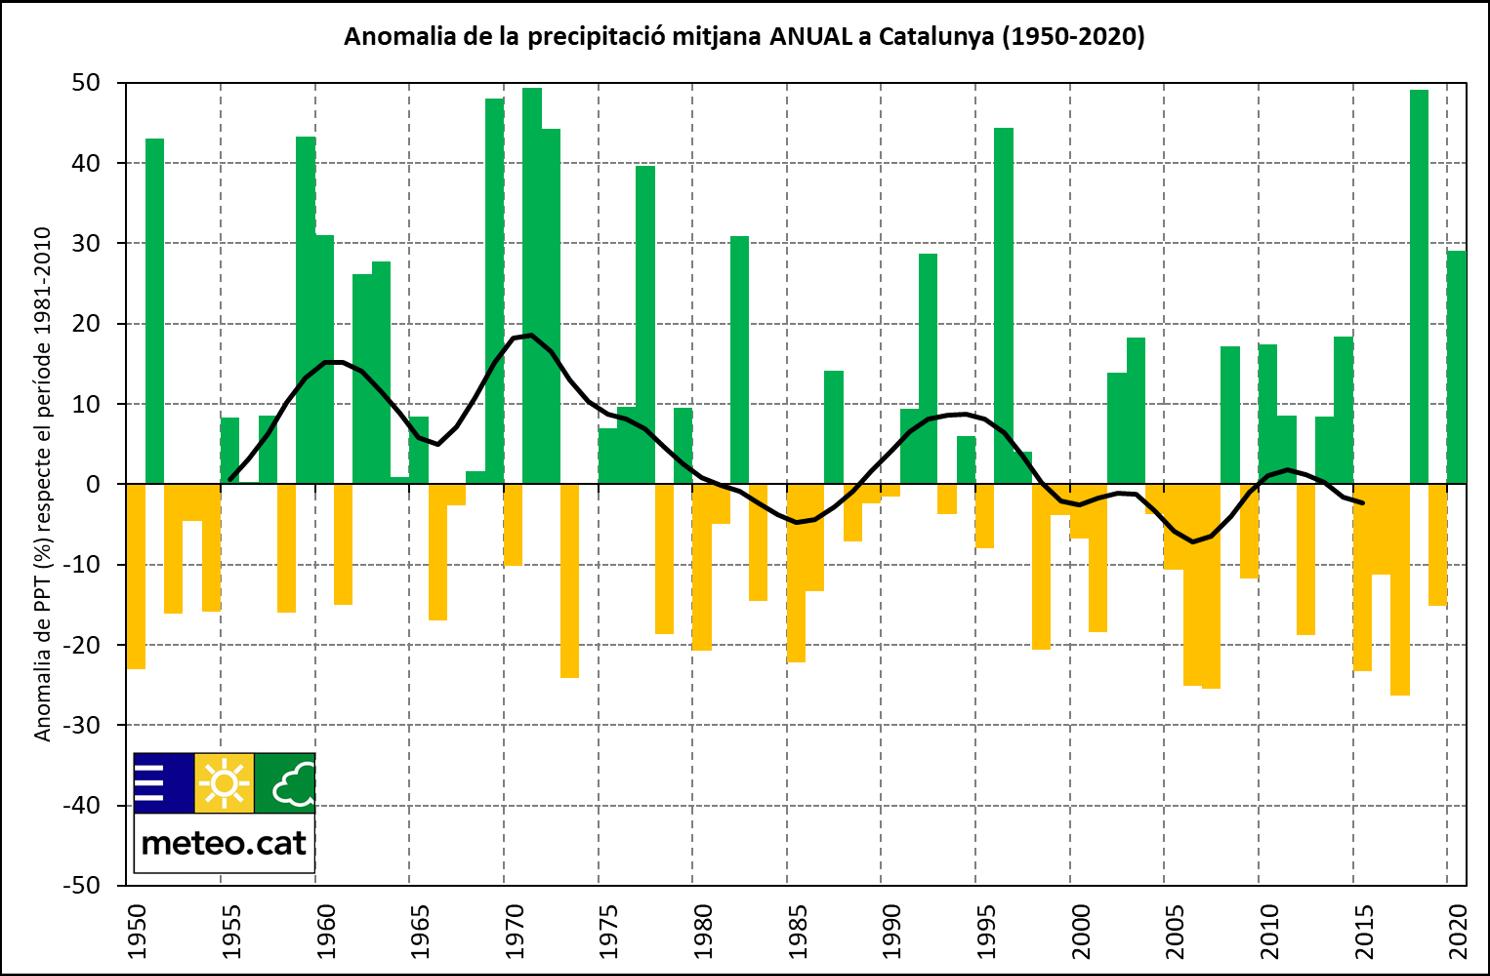 Gràfica de l'anomalia de la precipitació a Catalunya 1950-2020